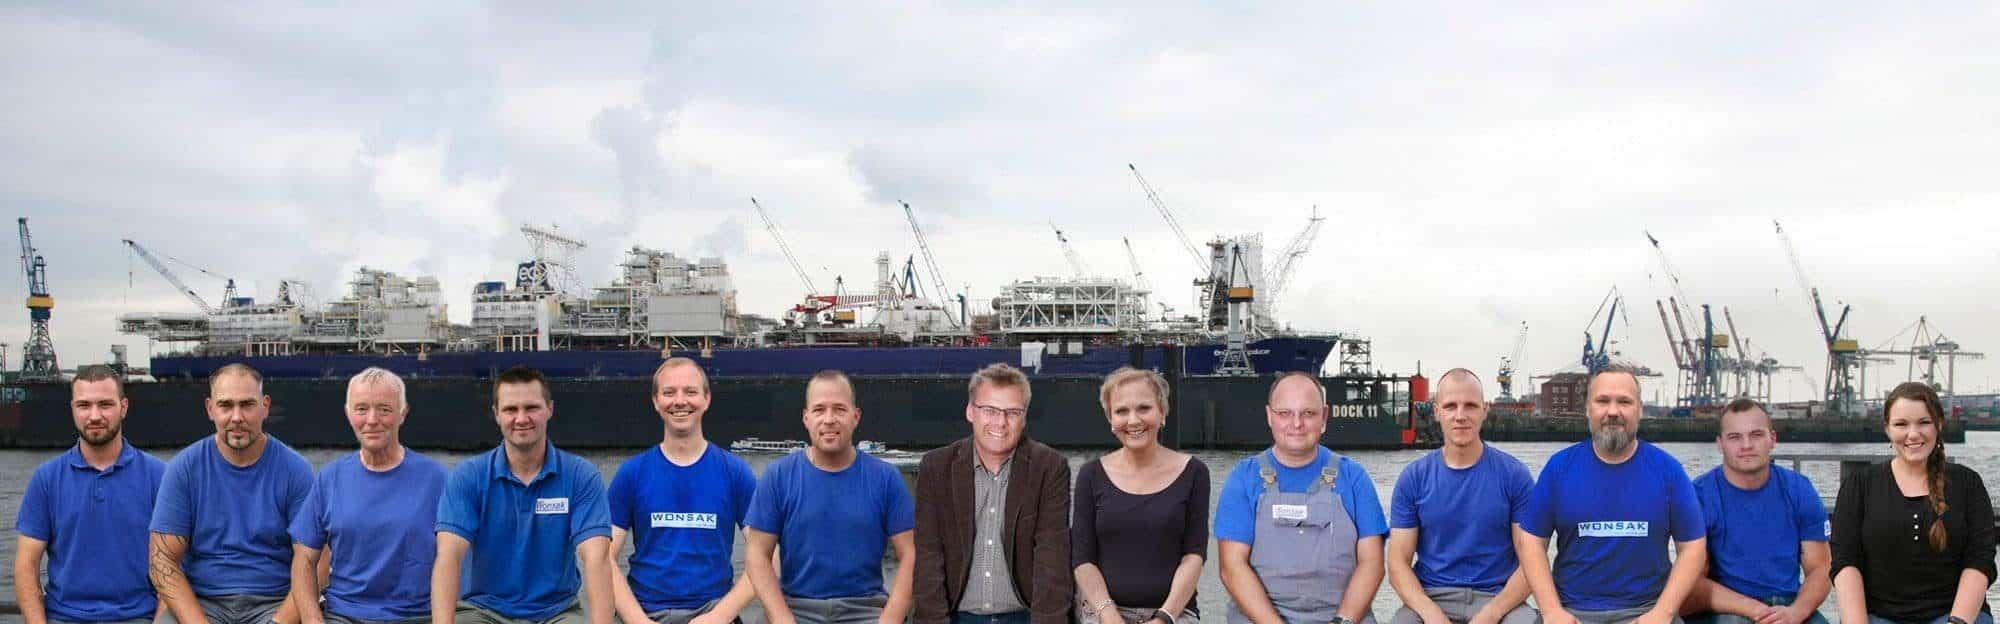 Wonsak 100% Hamburg Wonsak Team am Hamburger Hafen